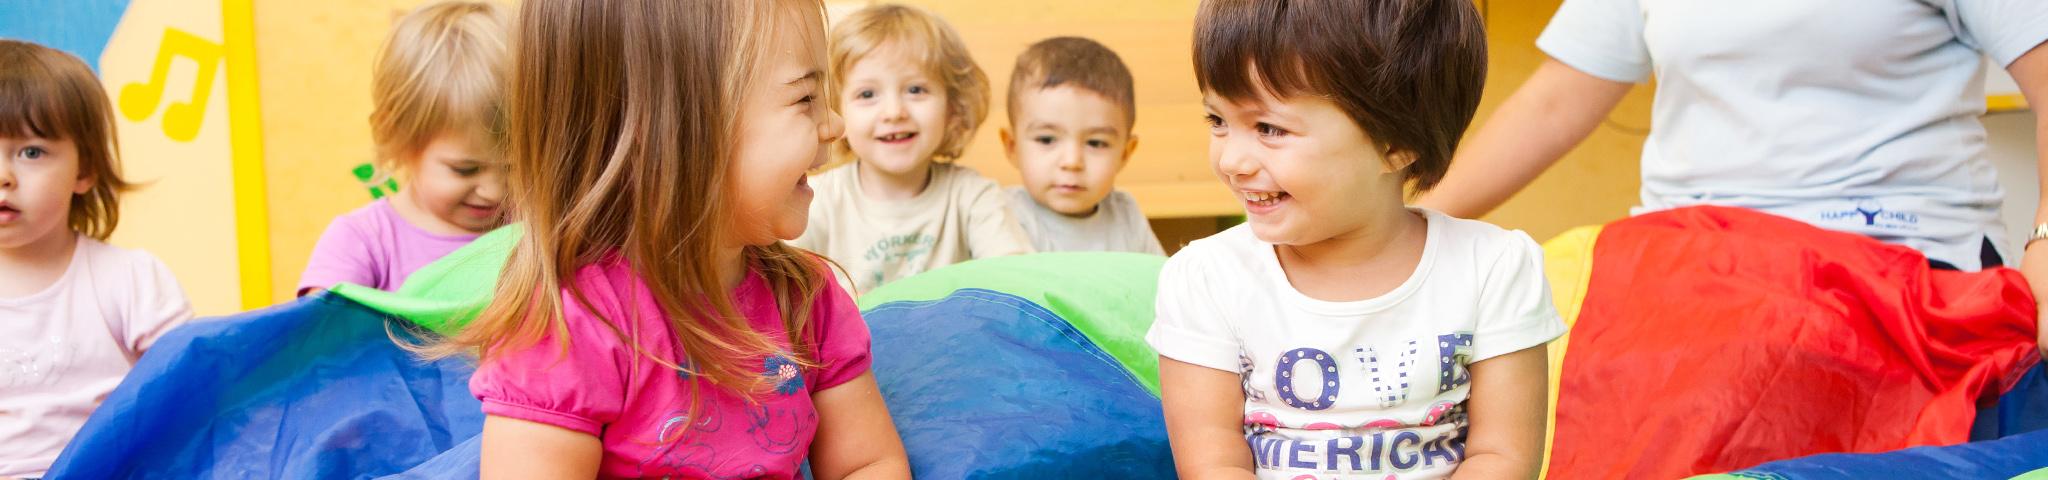 Happy Child - Stimolazione dei sensi con la musica